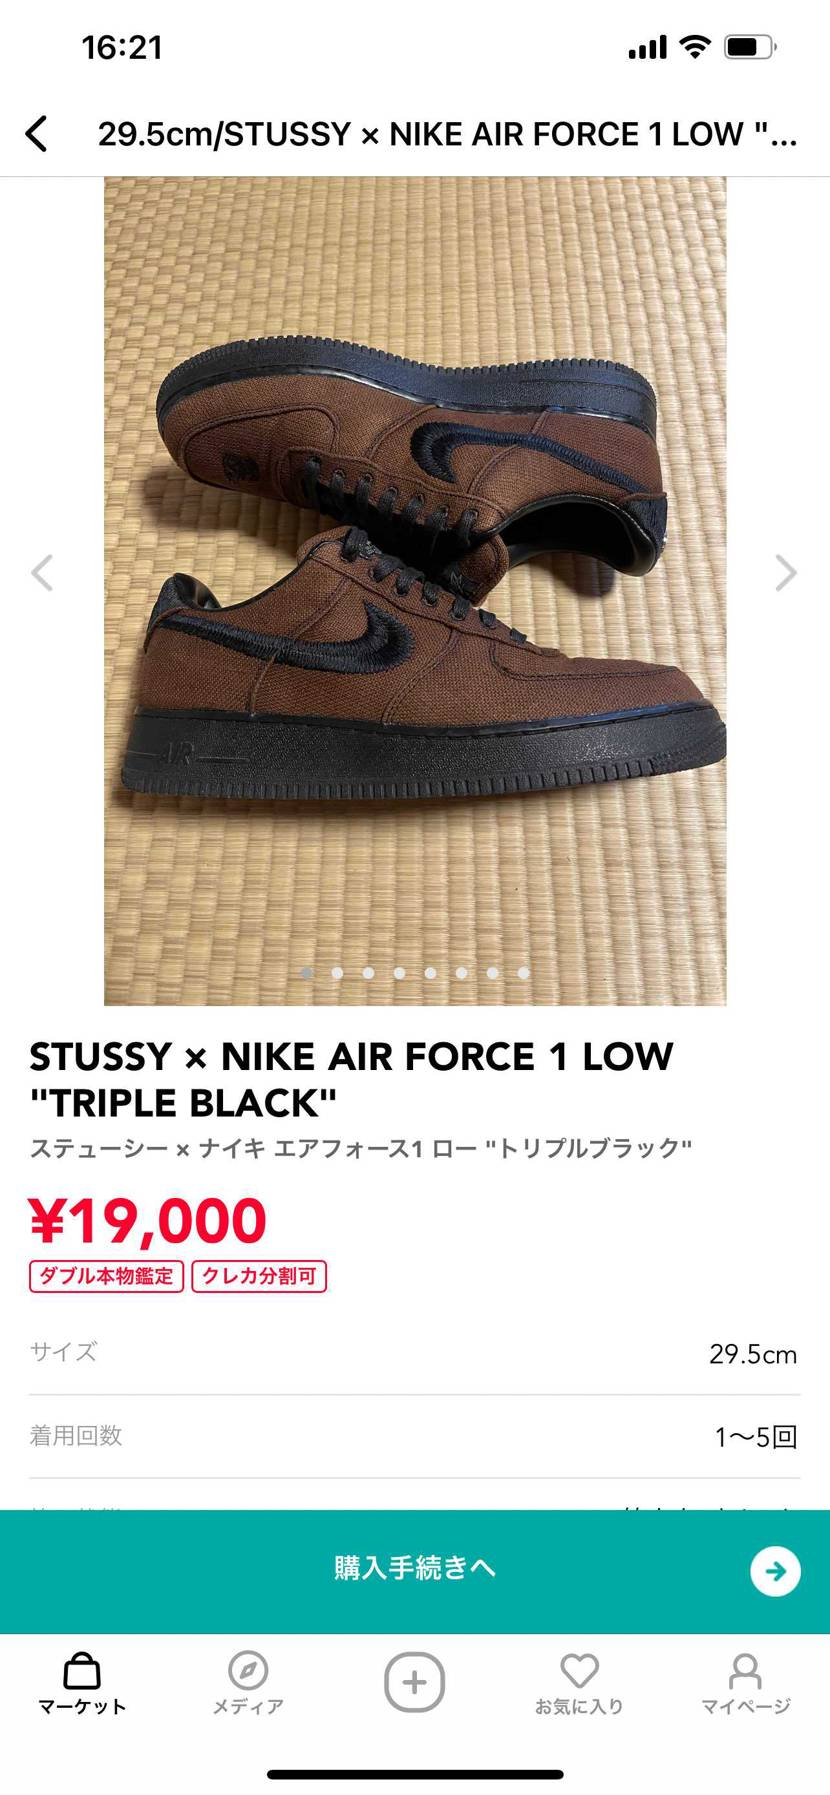 ブラック(ダイロンカスタム済み)29.5㎝を19000円で出品しています。 よ